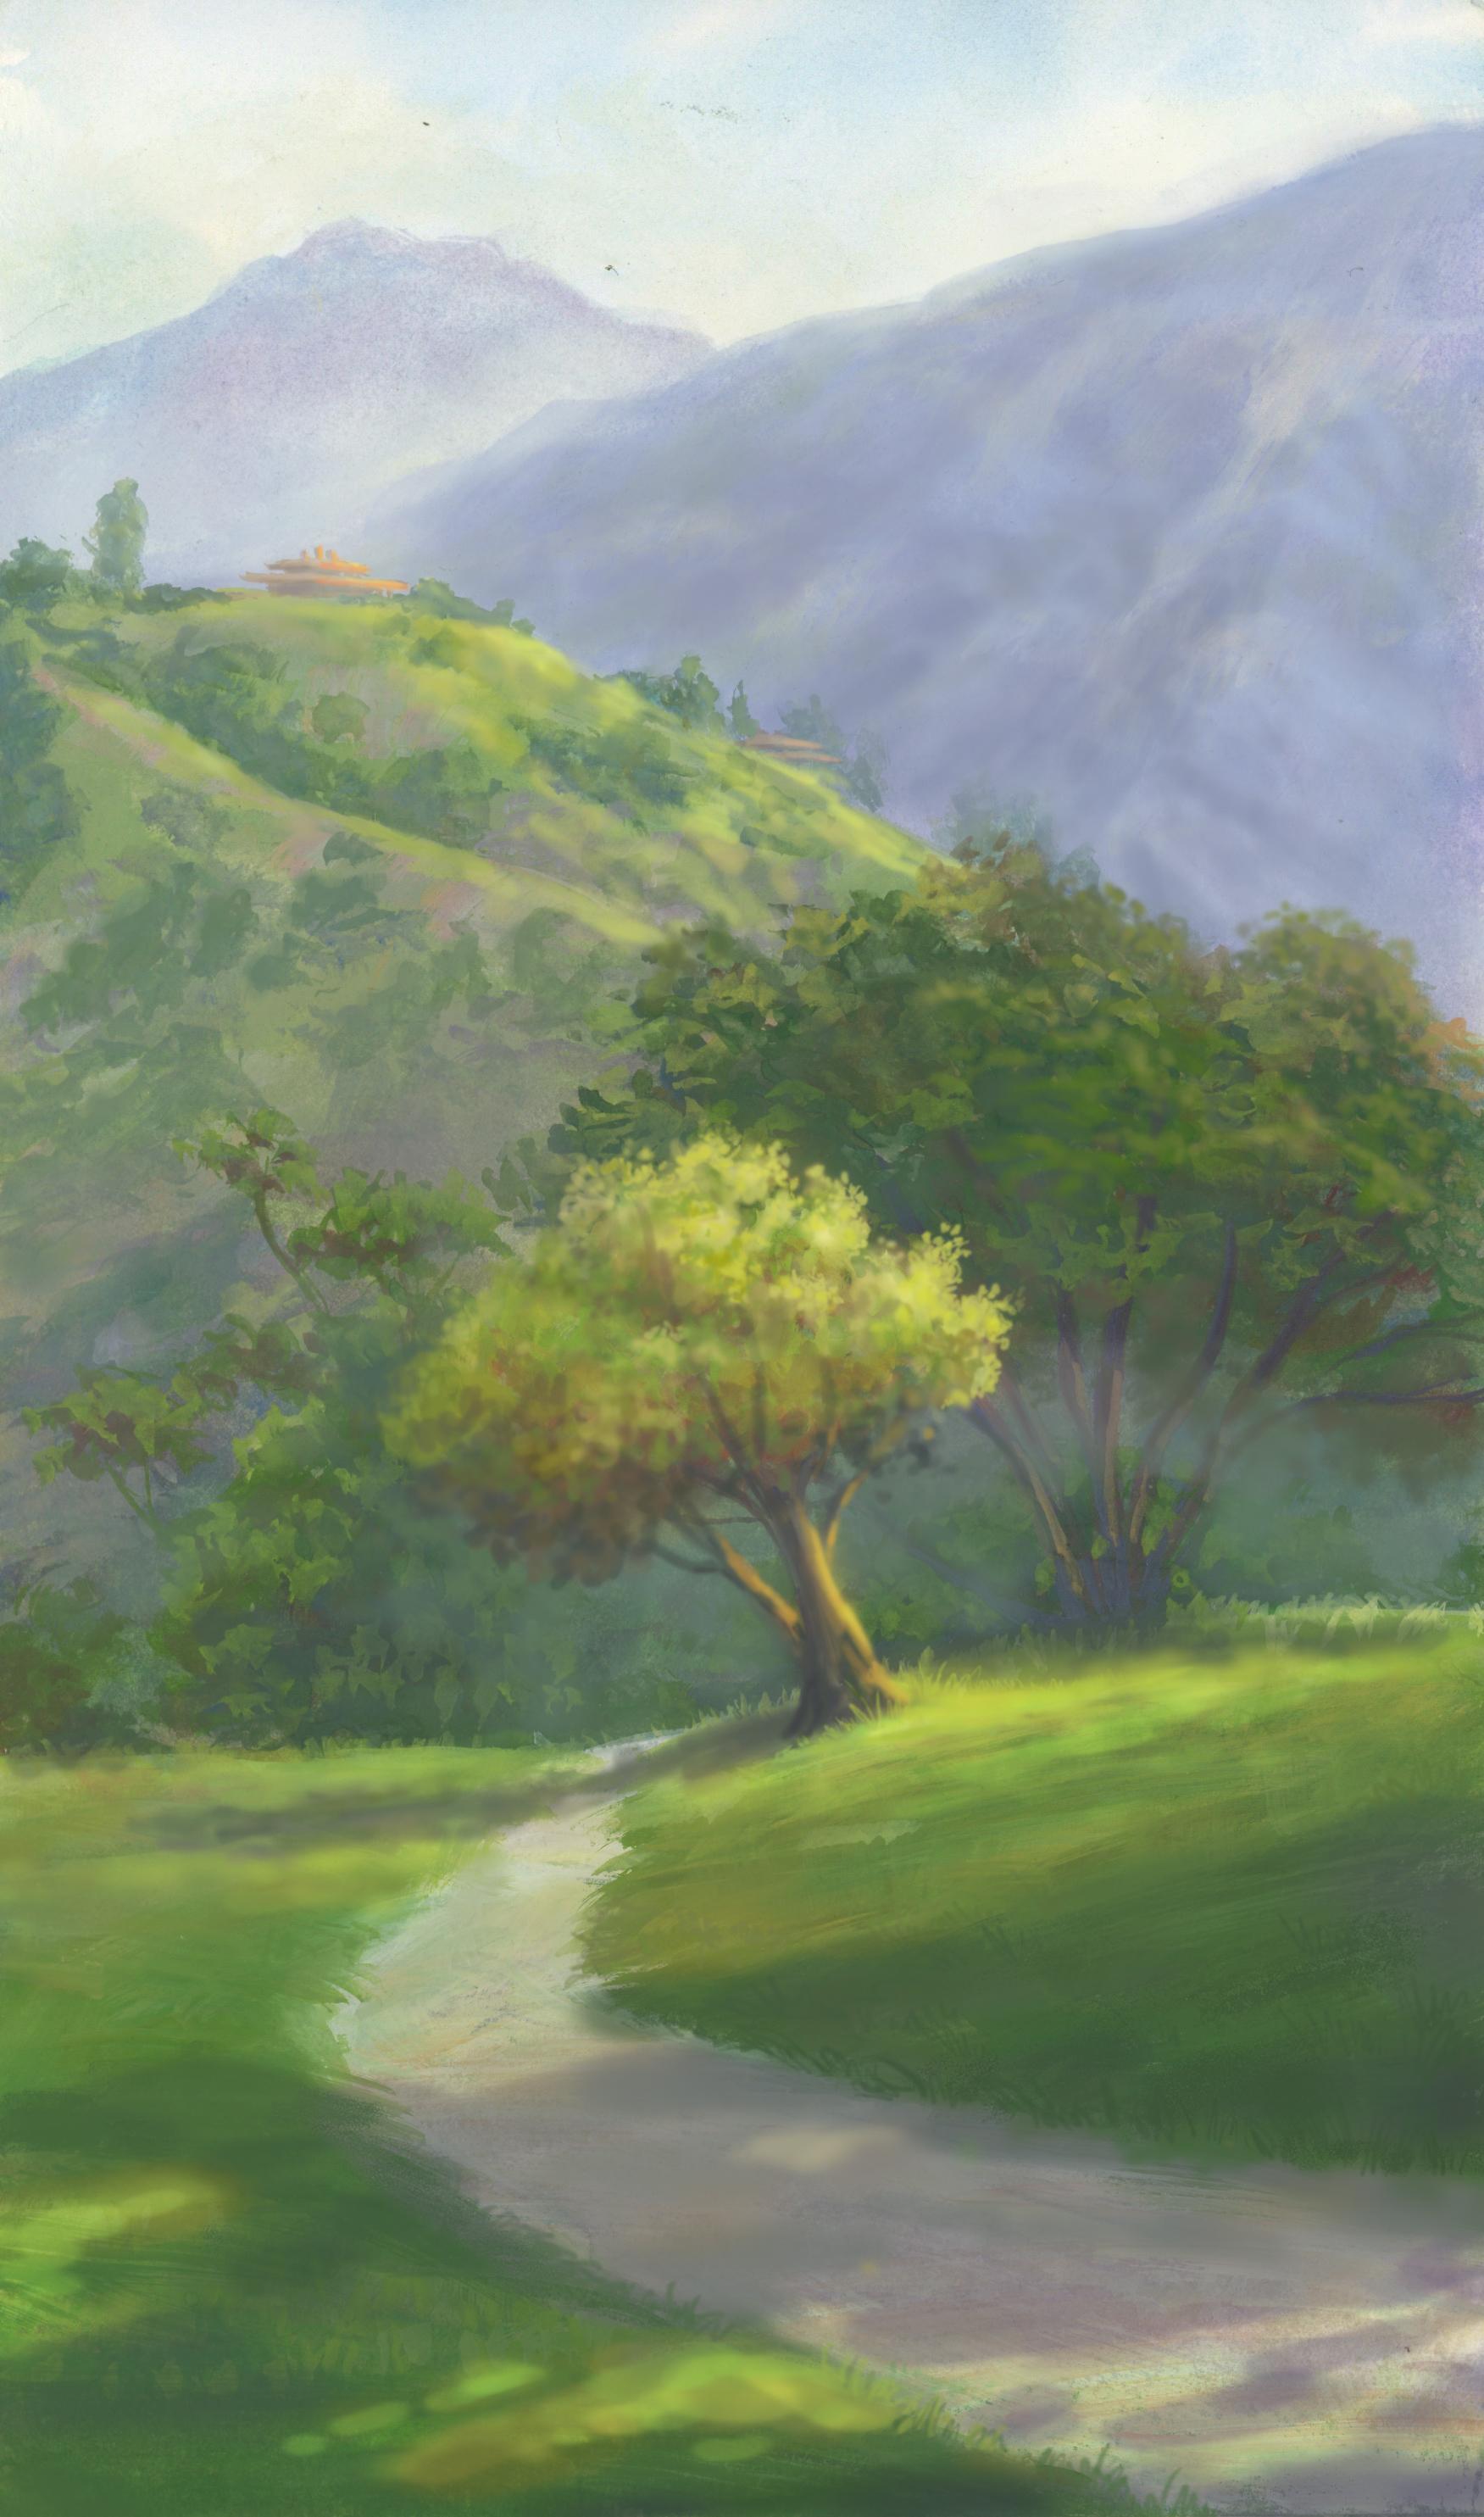 Leon Lee_Term 6_Digital Landscape_Spring 2-16_just.shrimp@hotmail.com_0264185_Landscape3.jpg